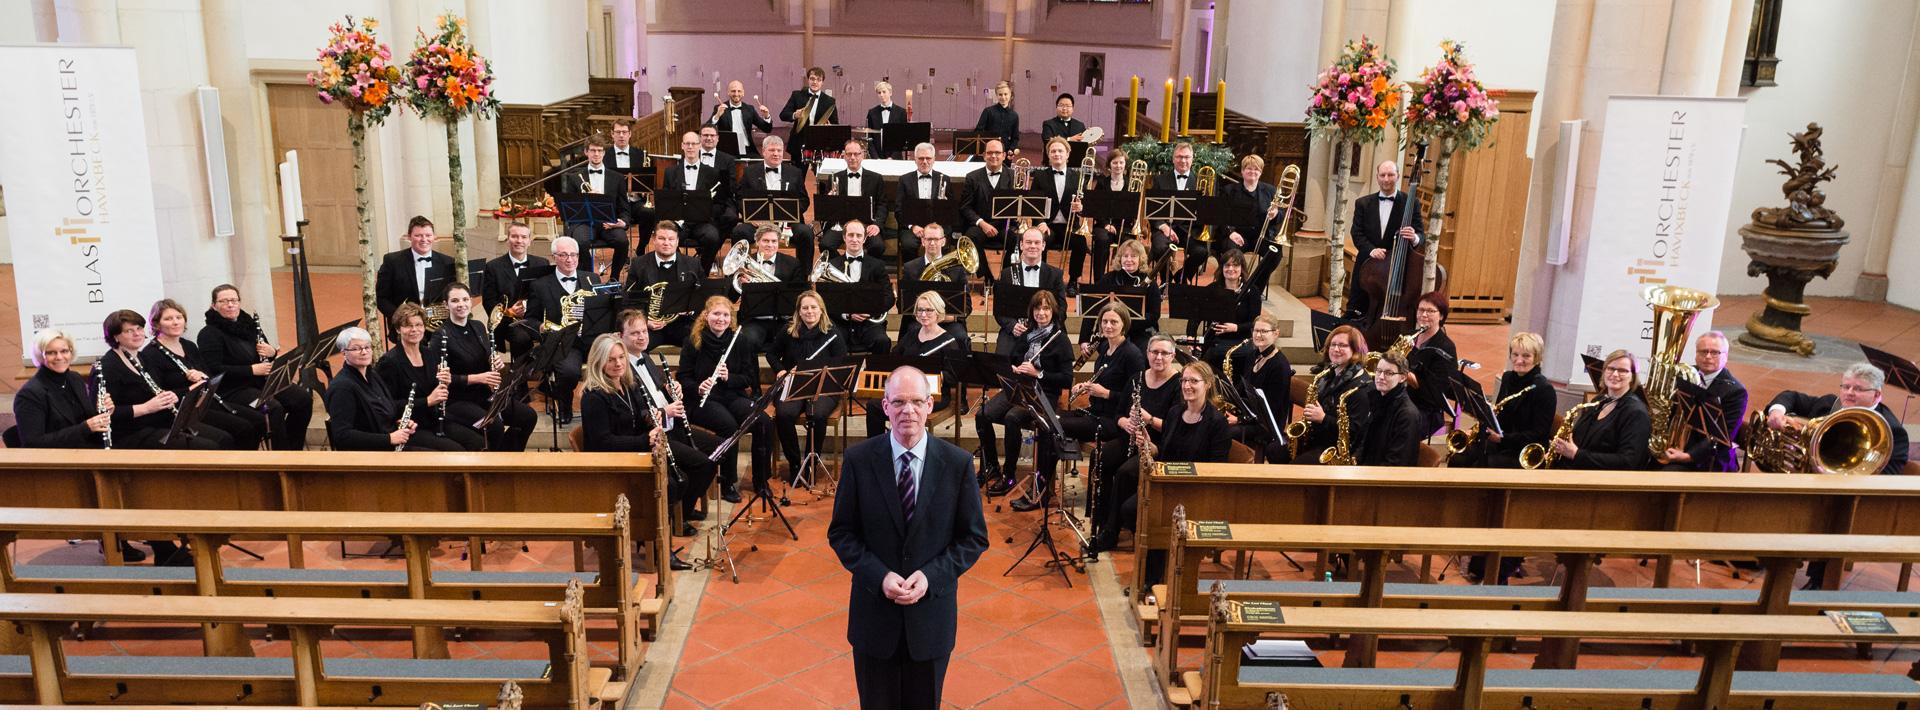 Blasorchester-Havixbeck-Dirk-Annema-Dirigent-Kirchenkonzert-Muenster